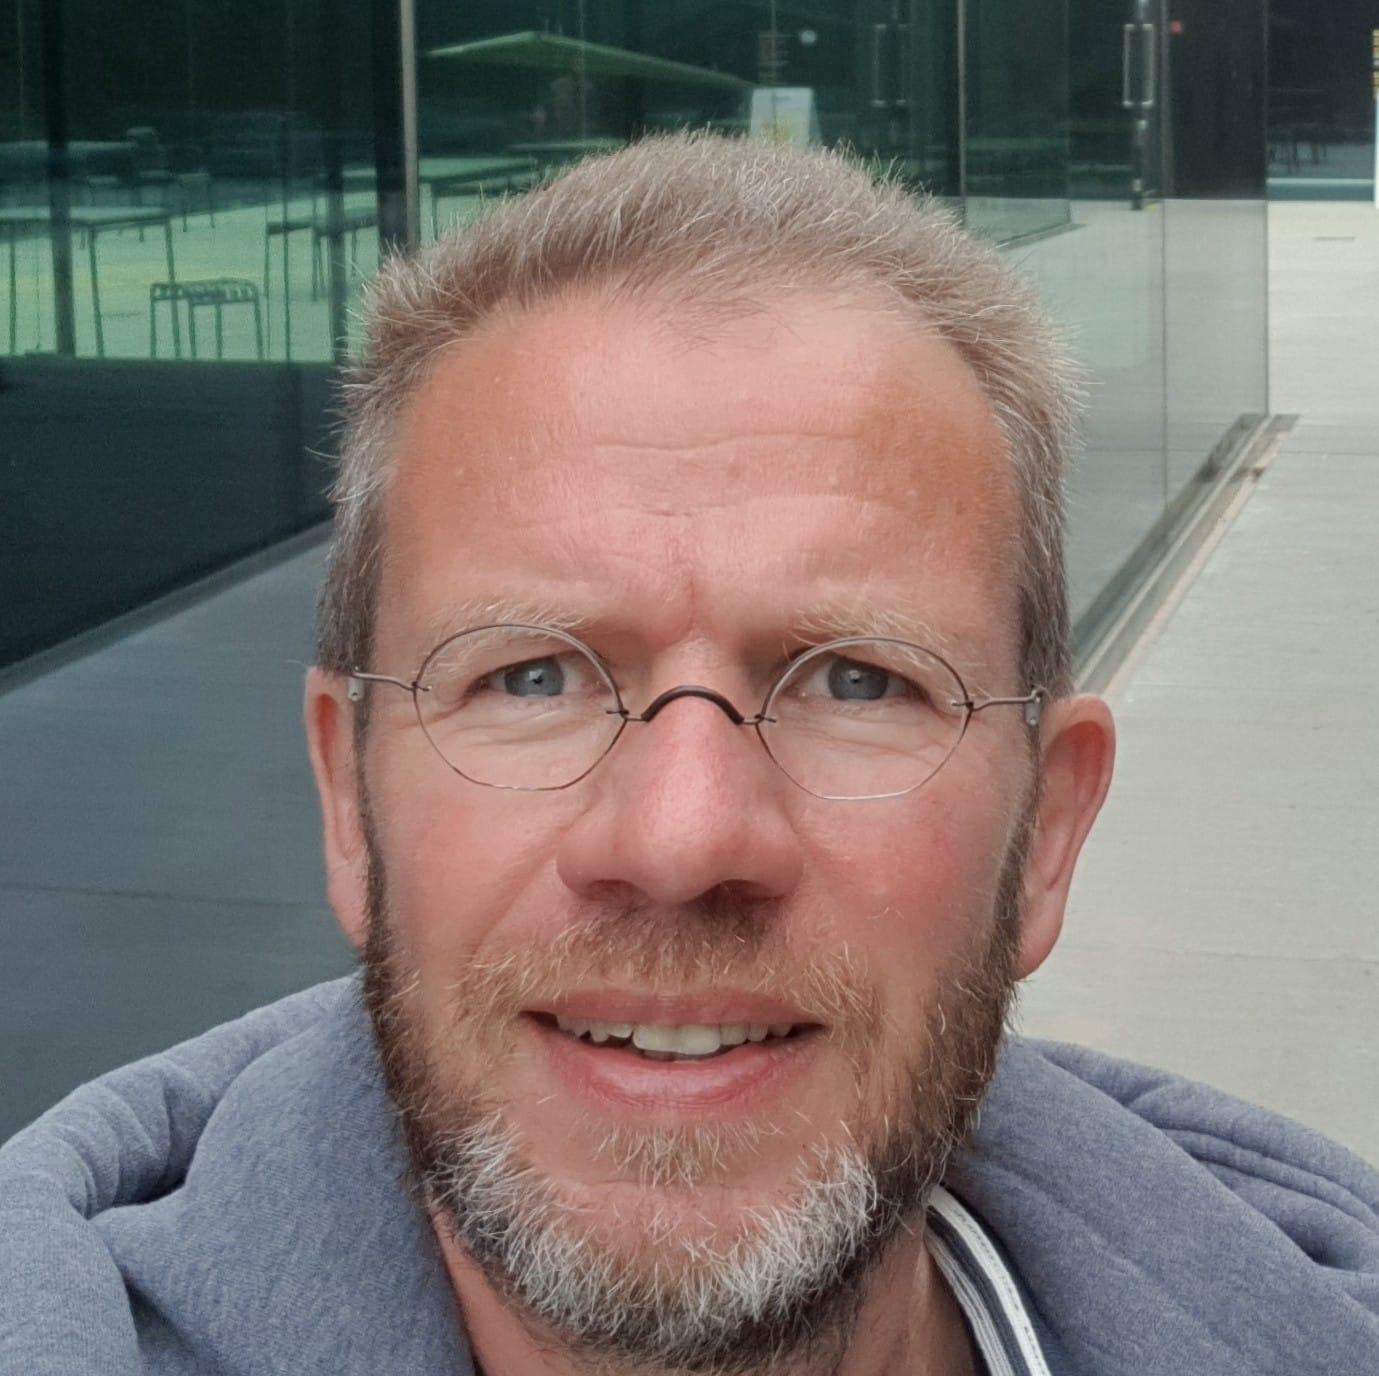 Klaus Otto B. - 56, Schermbeck